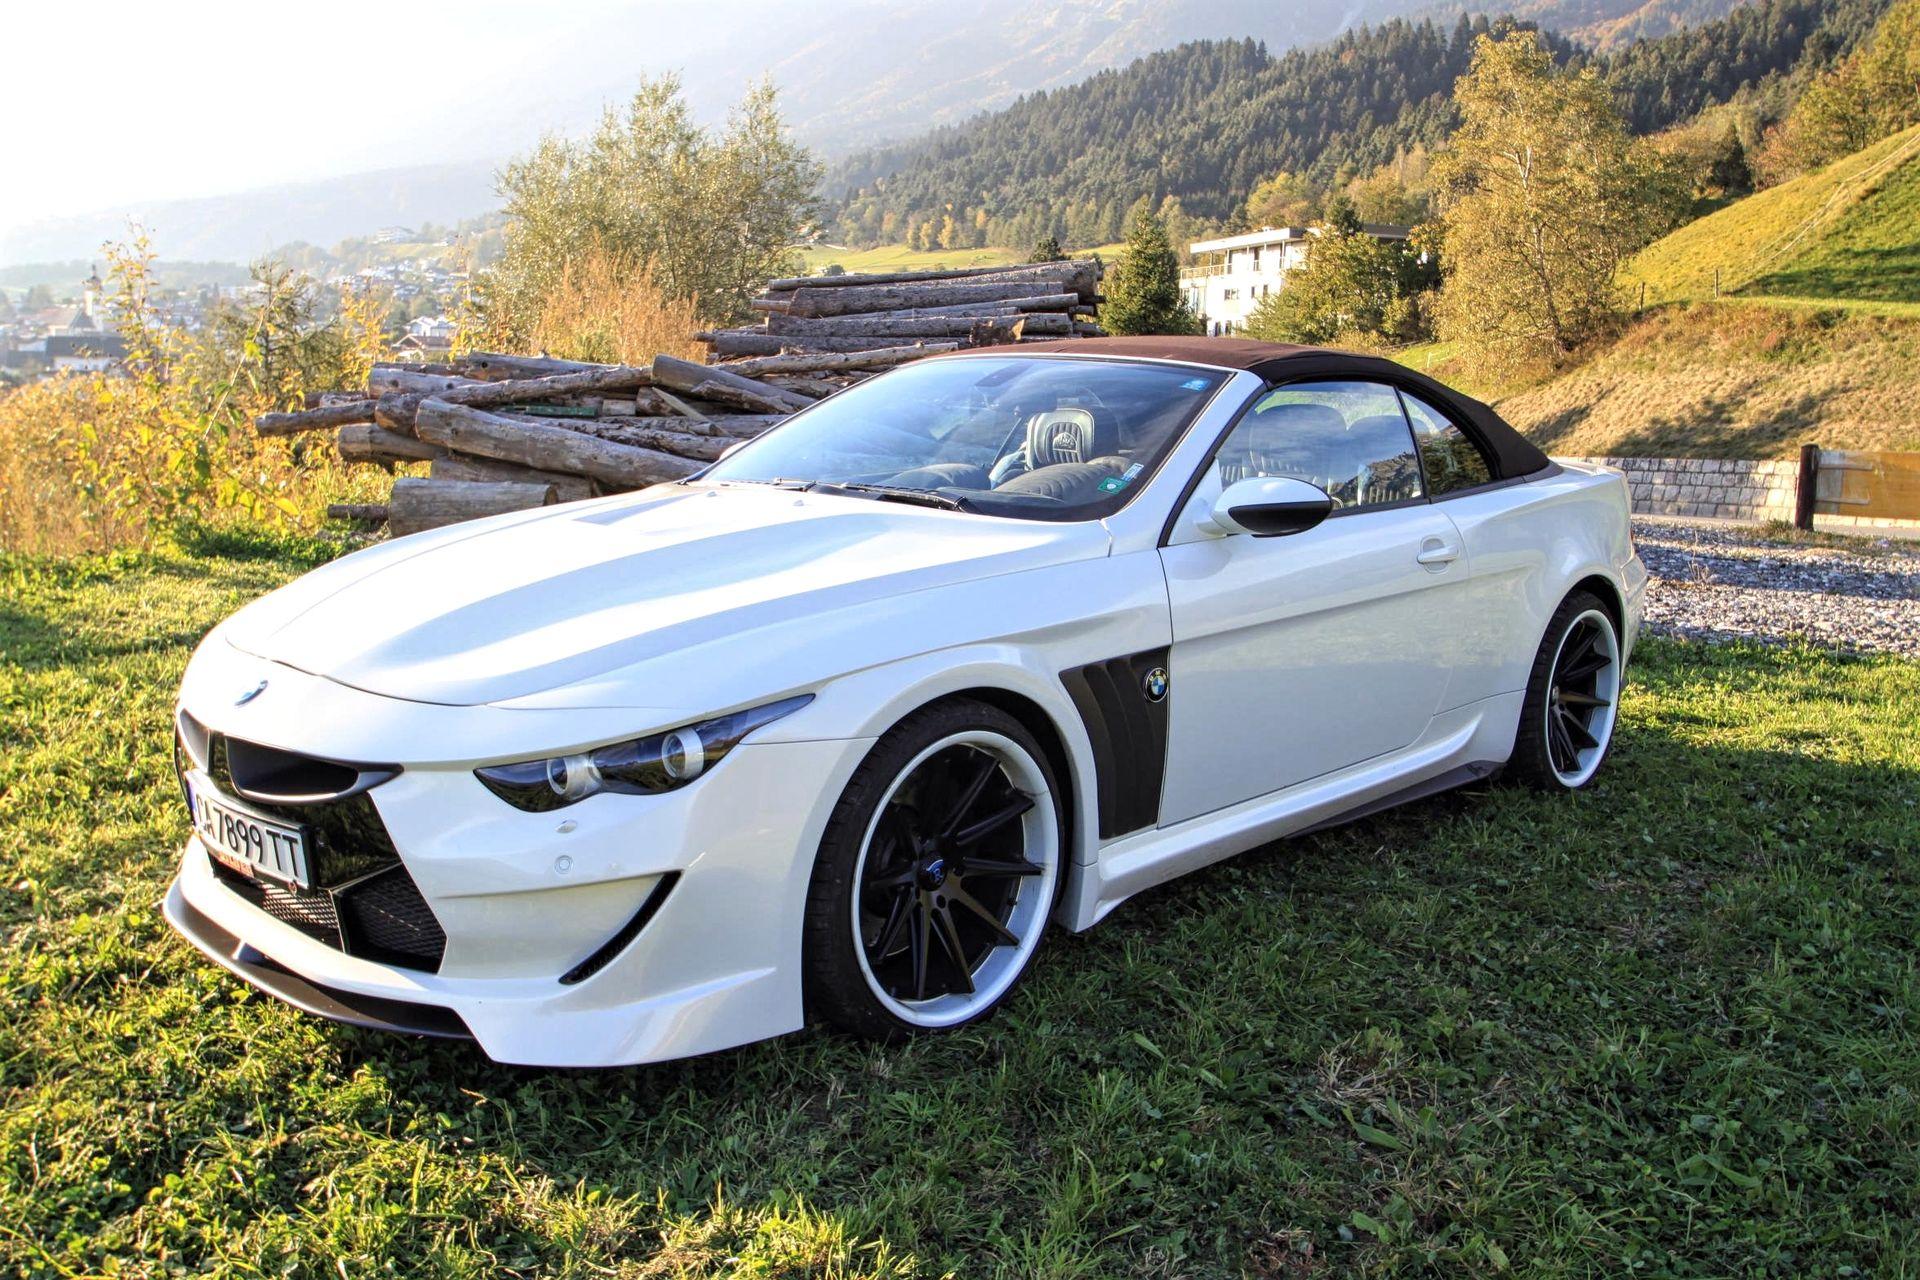 BMW M6 Vilner wallpapers, Vehicles, HQ BMW M6 Vilner ...